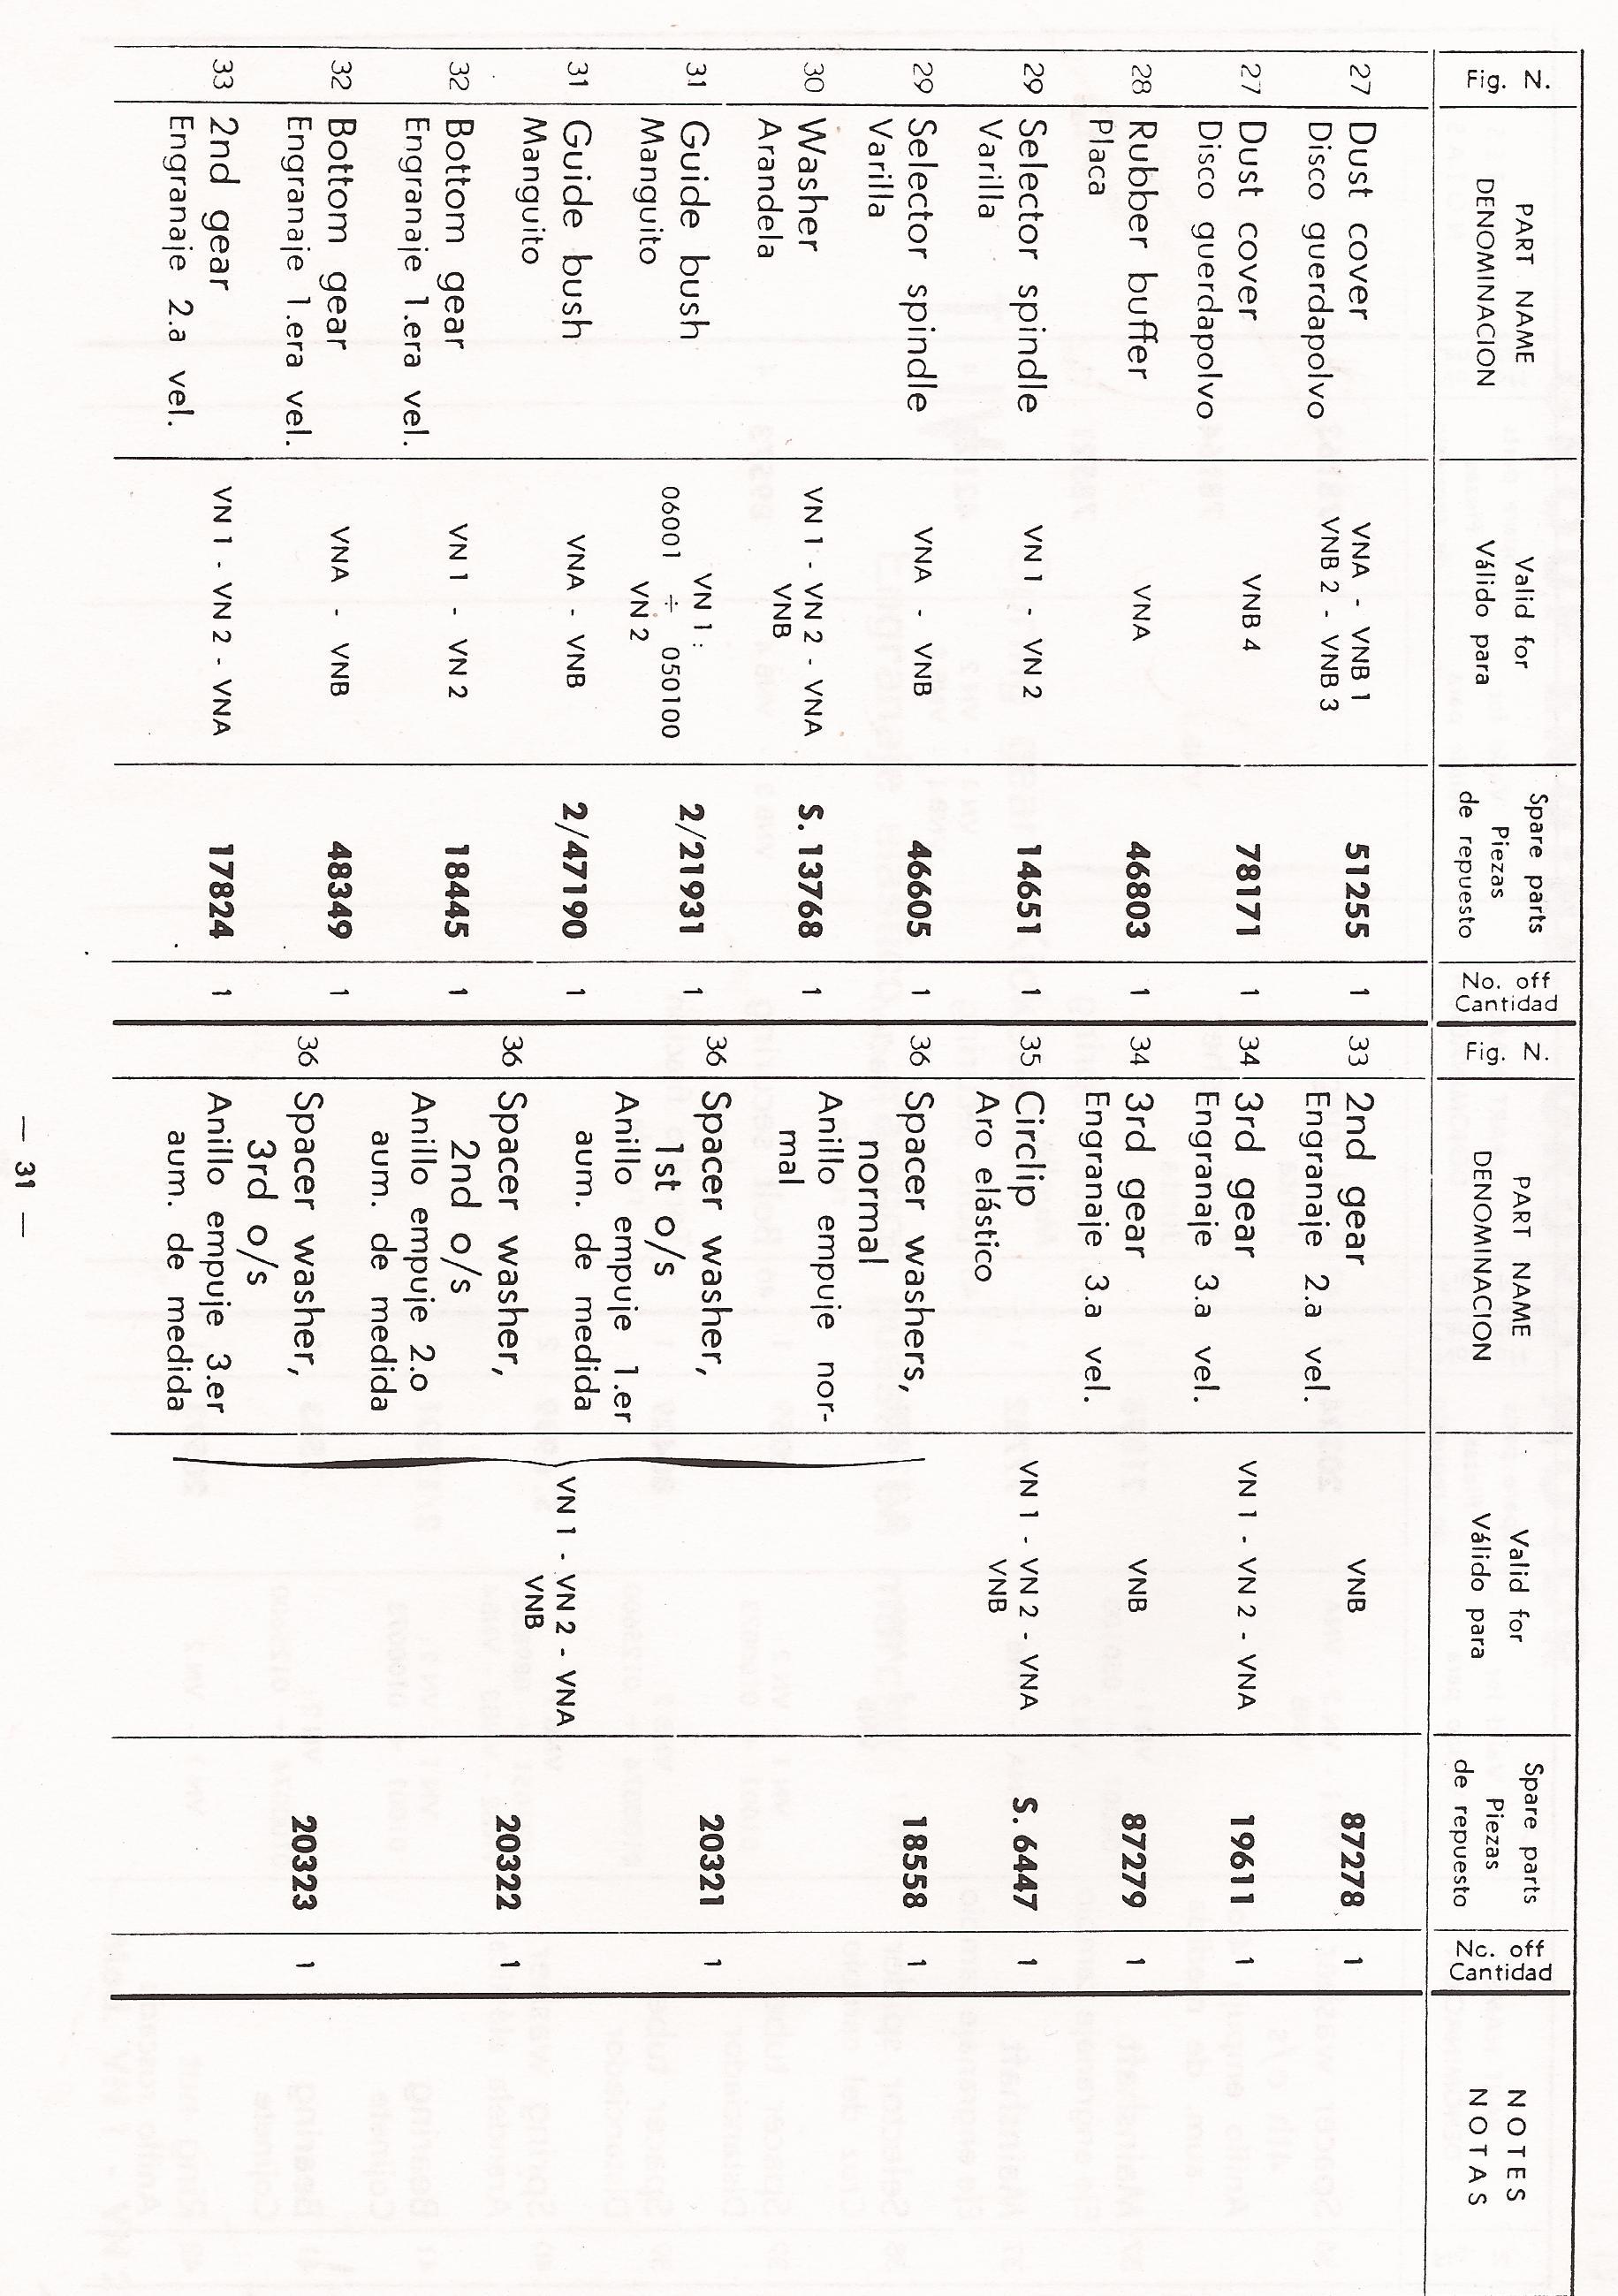 07-16-2013 vespa 125 catalog manuel 34.jpg